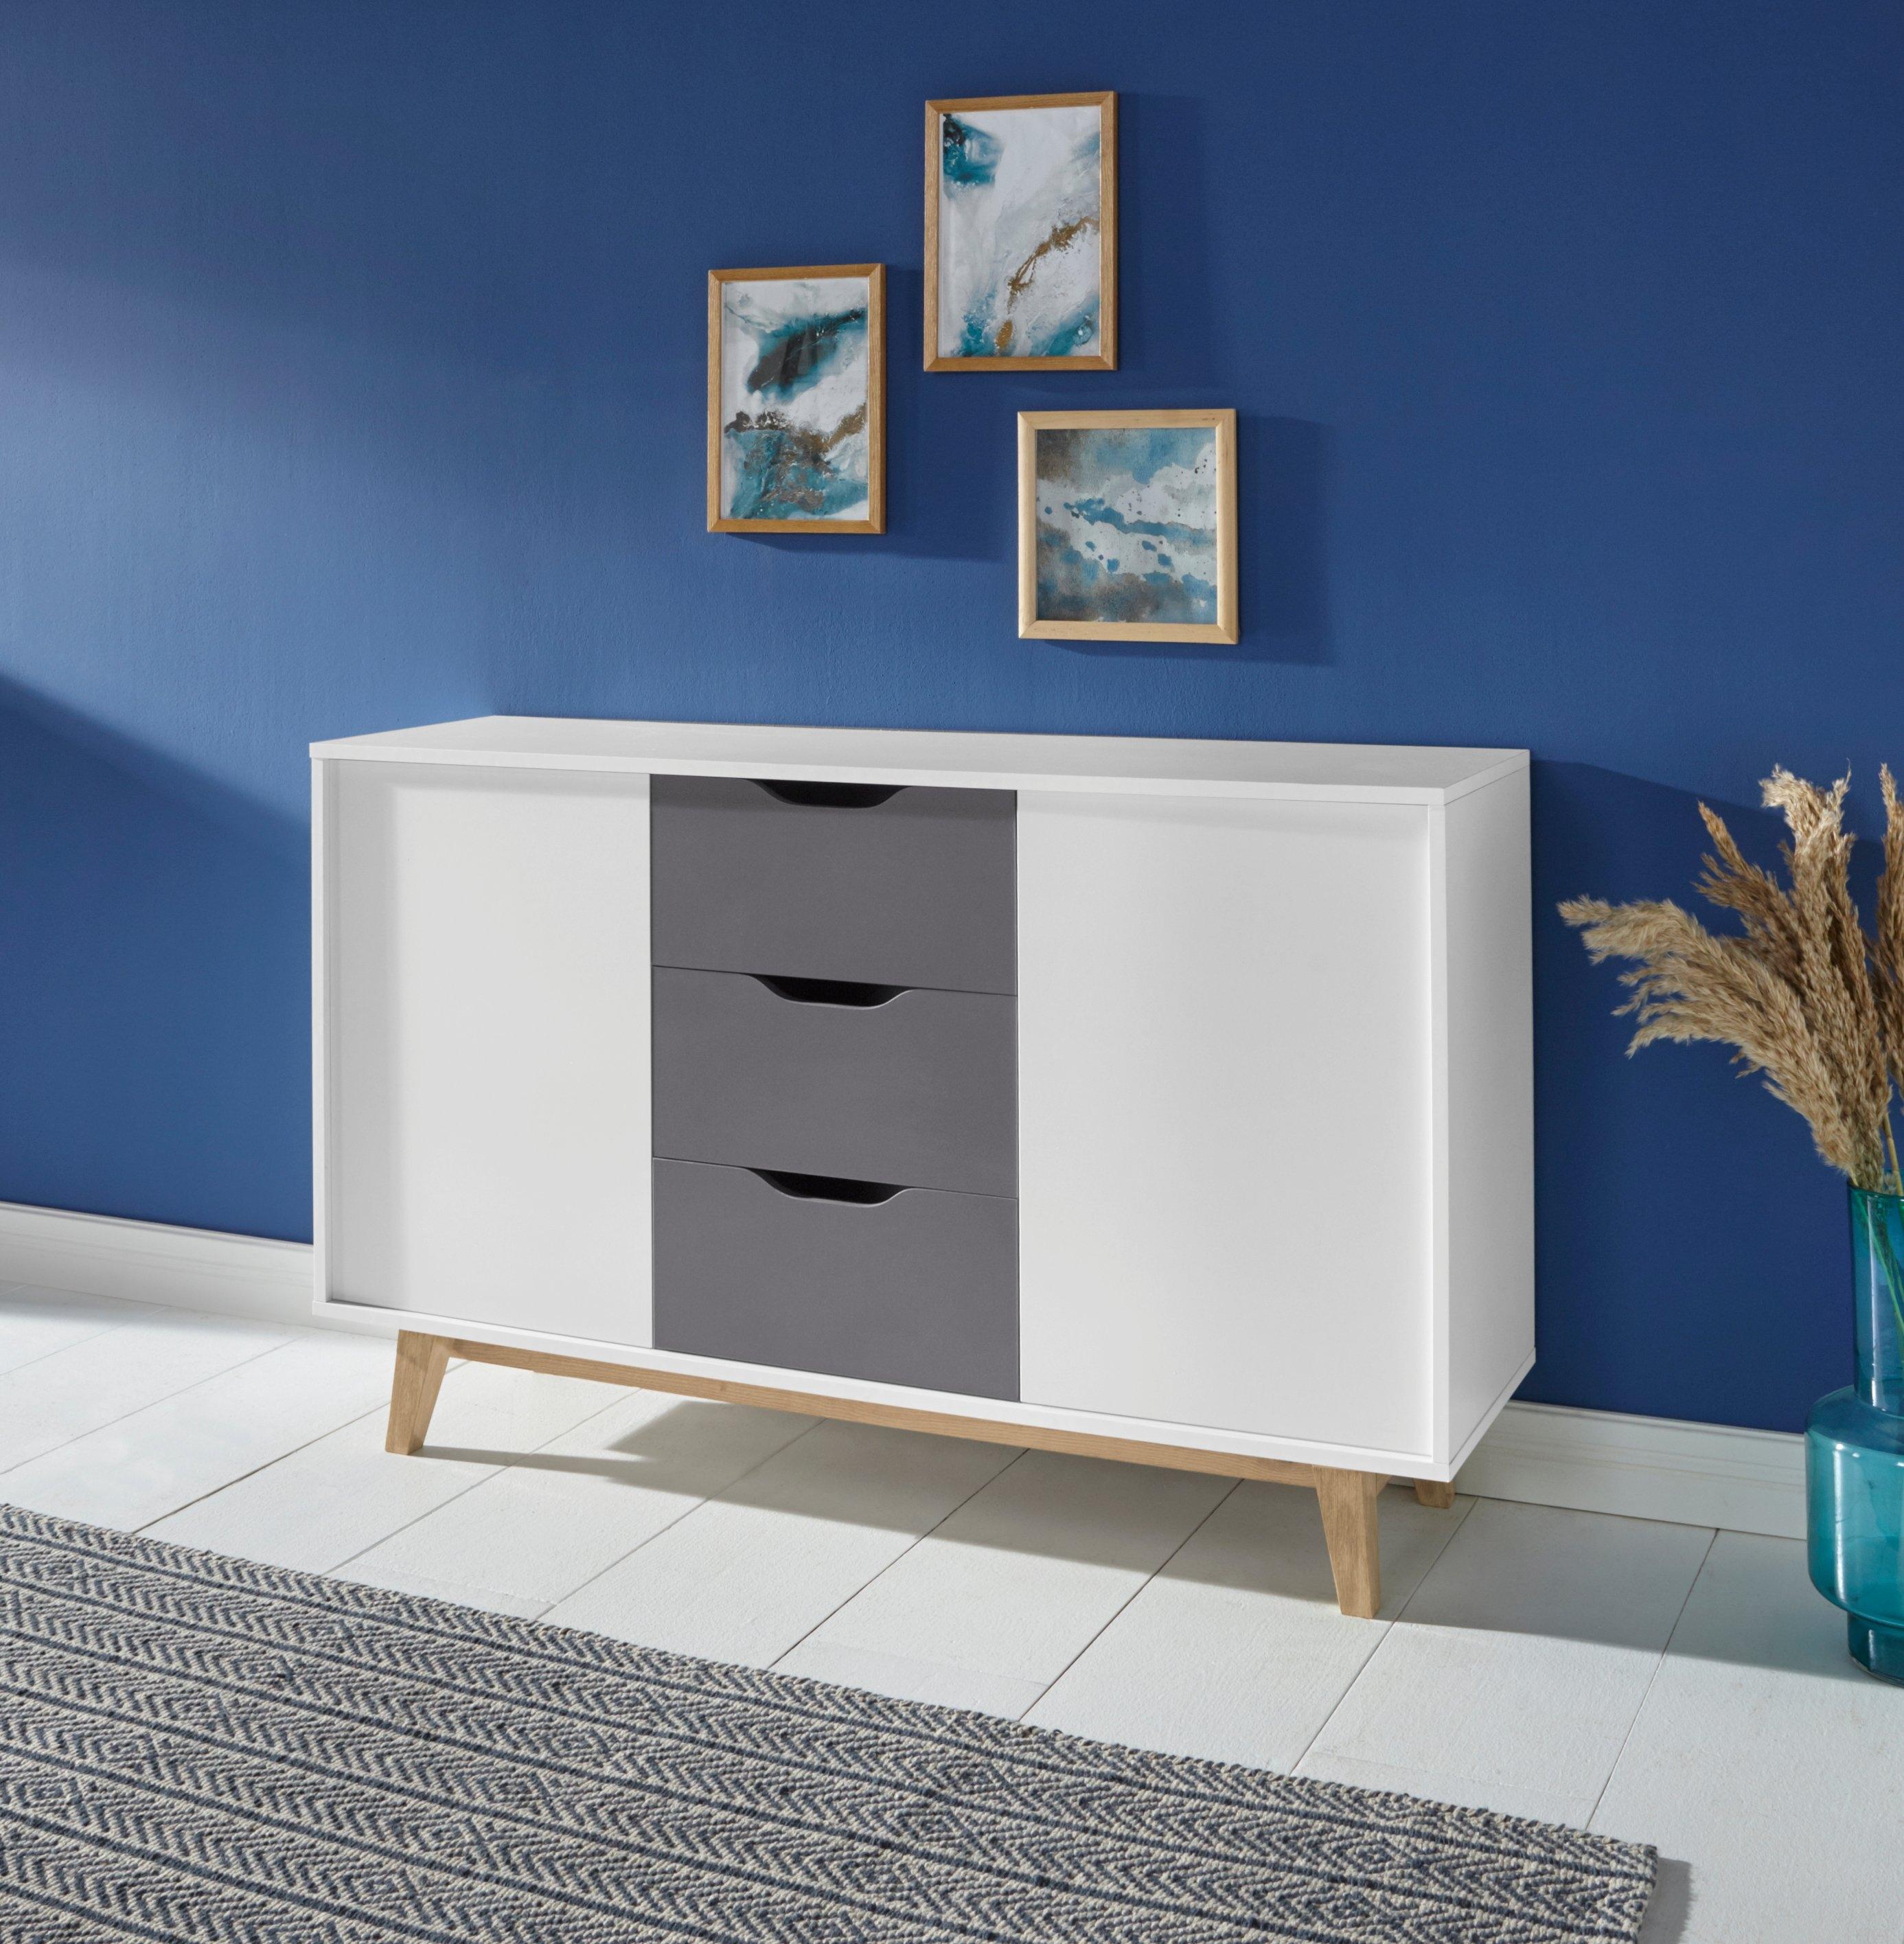 dressoir Meera in 2 verschillende breedten 130 of 173 cm - gratis ruilen op otto.nl